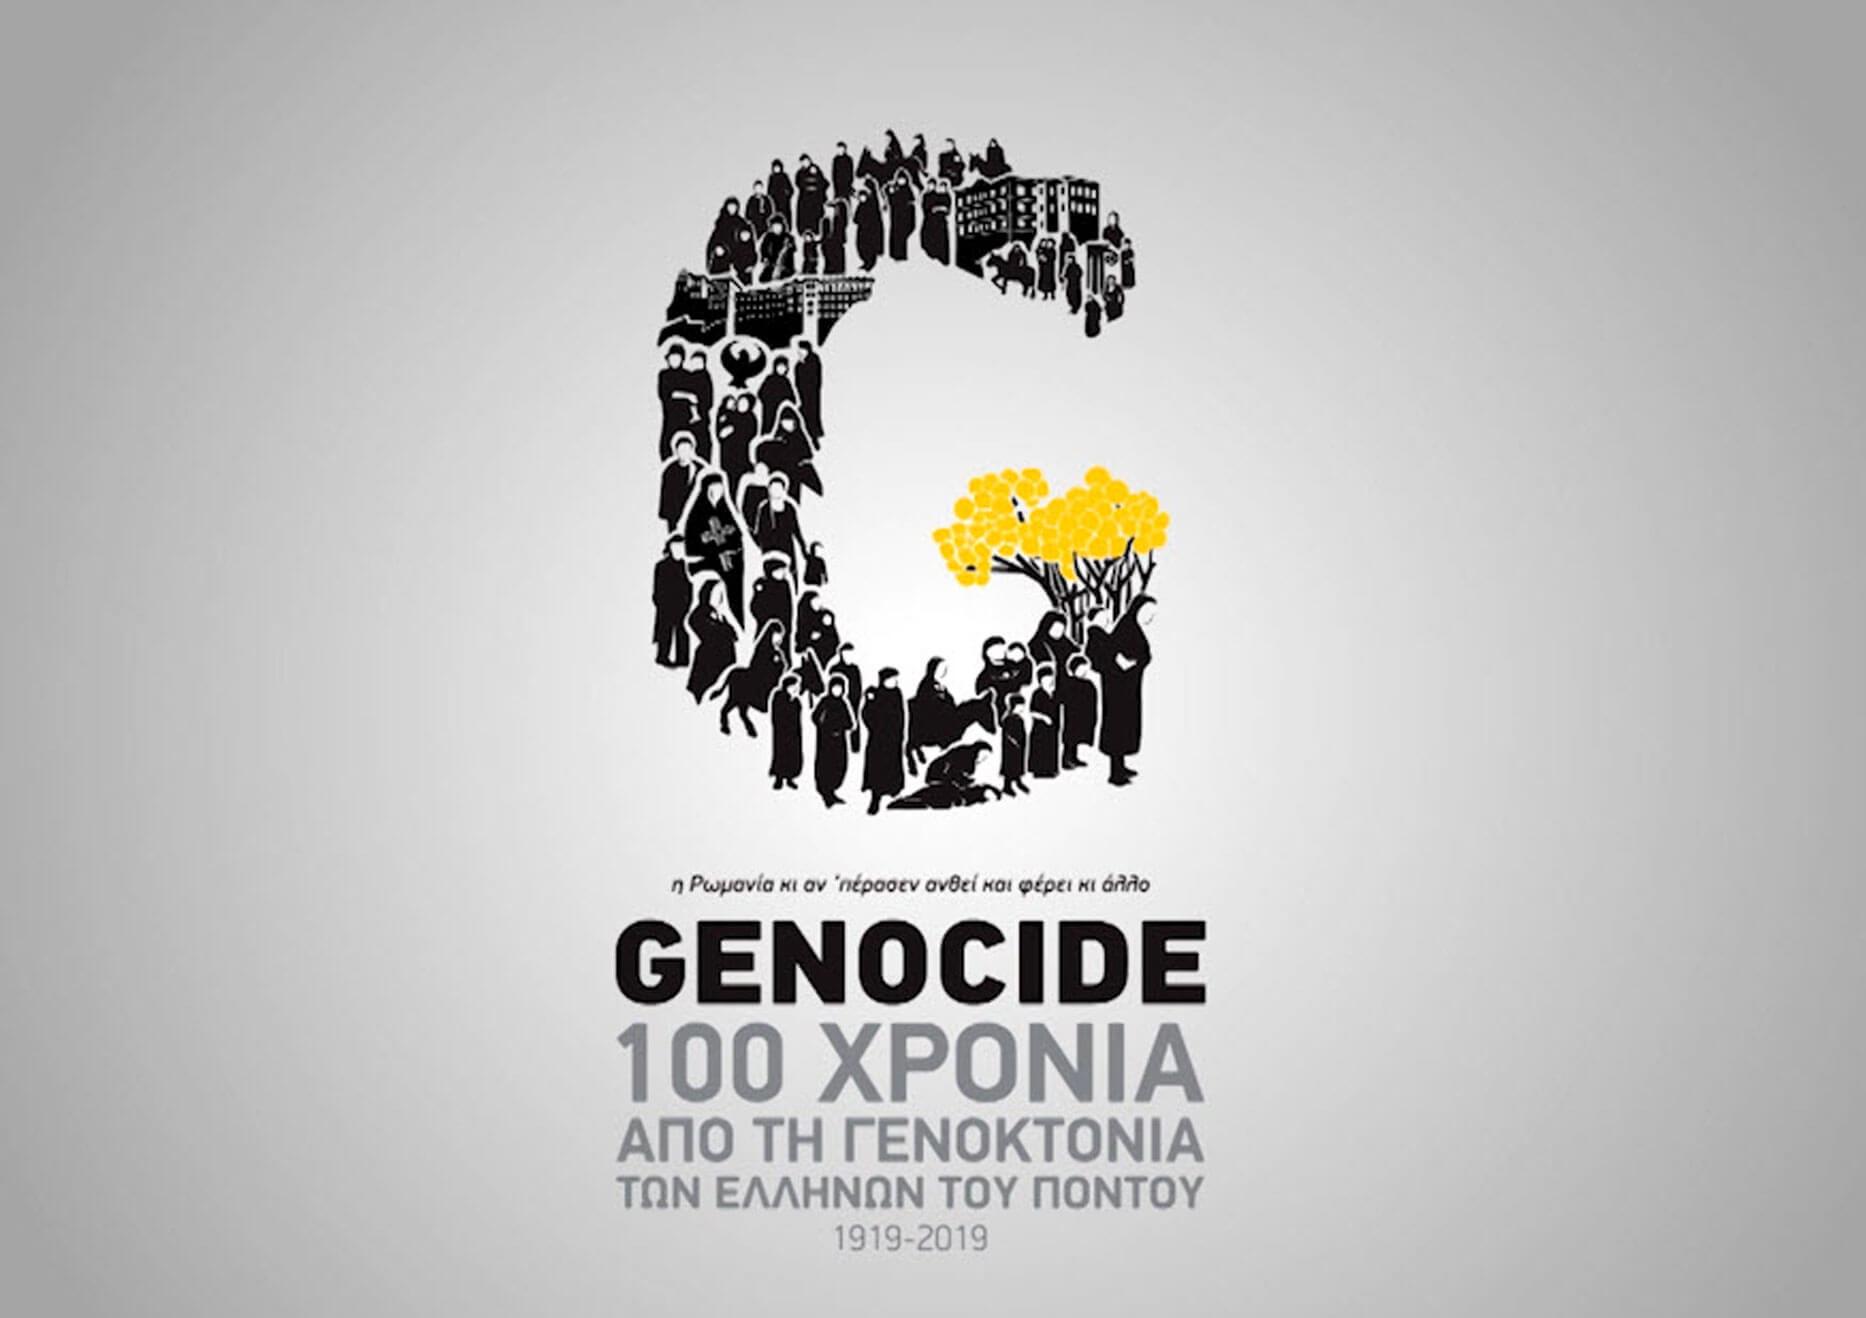 Αφιέρωμα από το OPEN στα 100 χρόνια από τη γενοκτονία των Ελλήνων του Πόντου